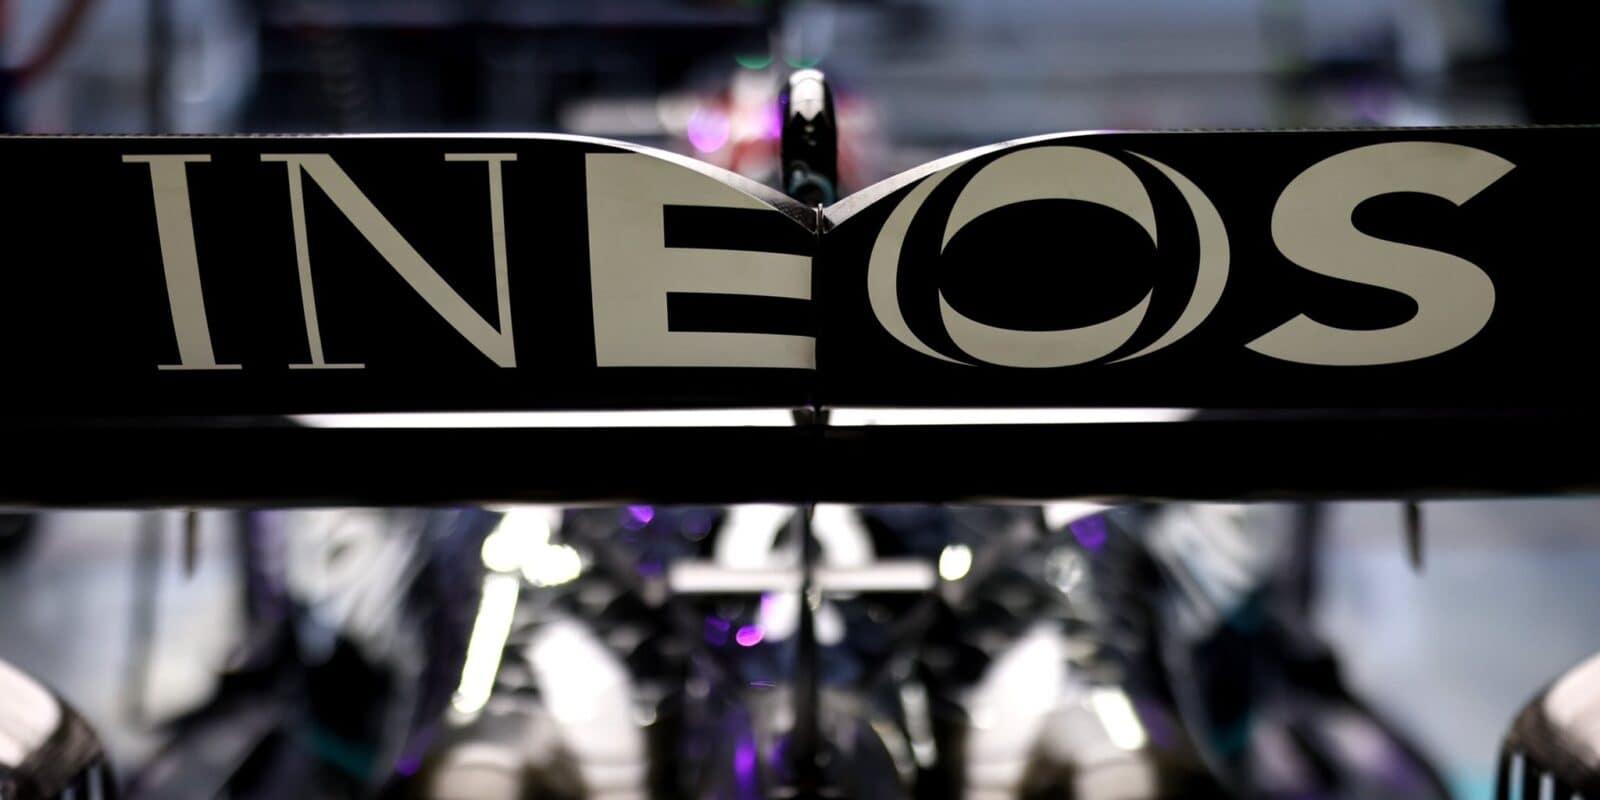 INEOS koupil podíl akcií Mercedesu, Wolff zůstane šéfem